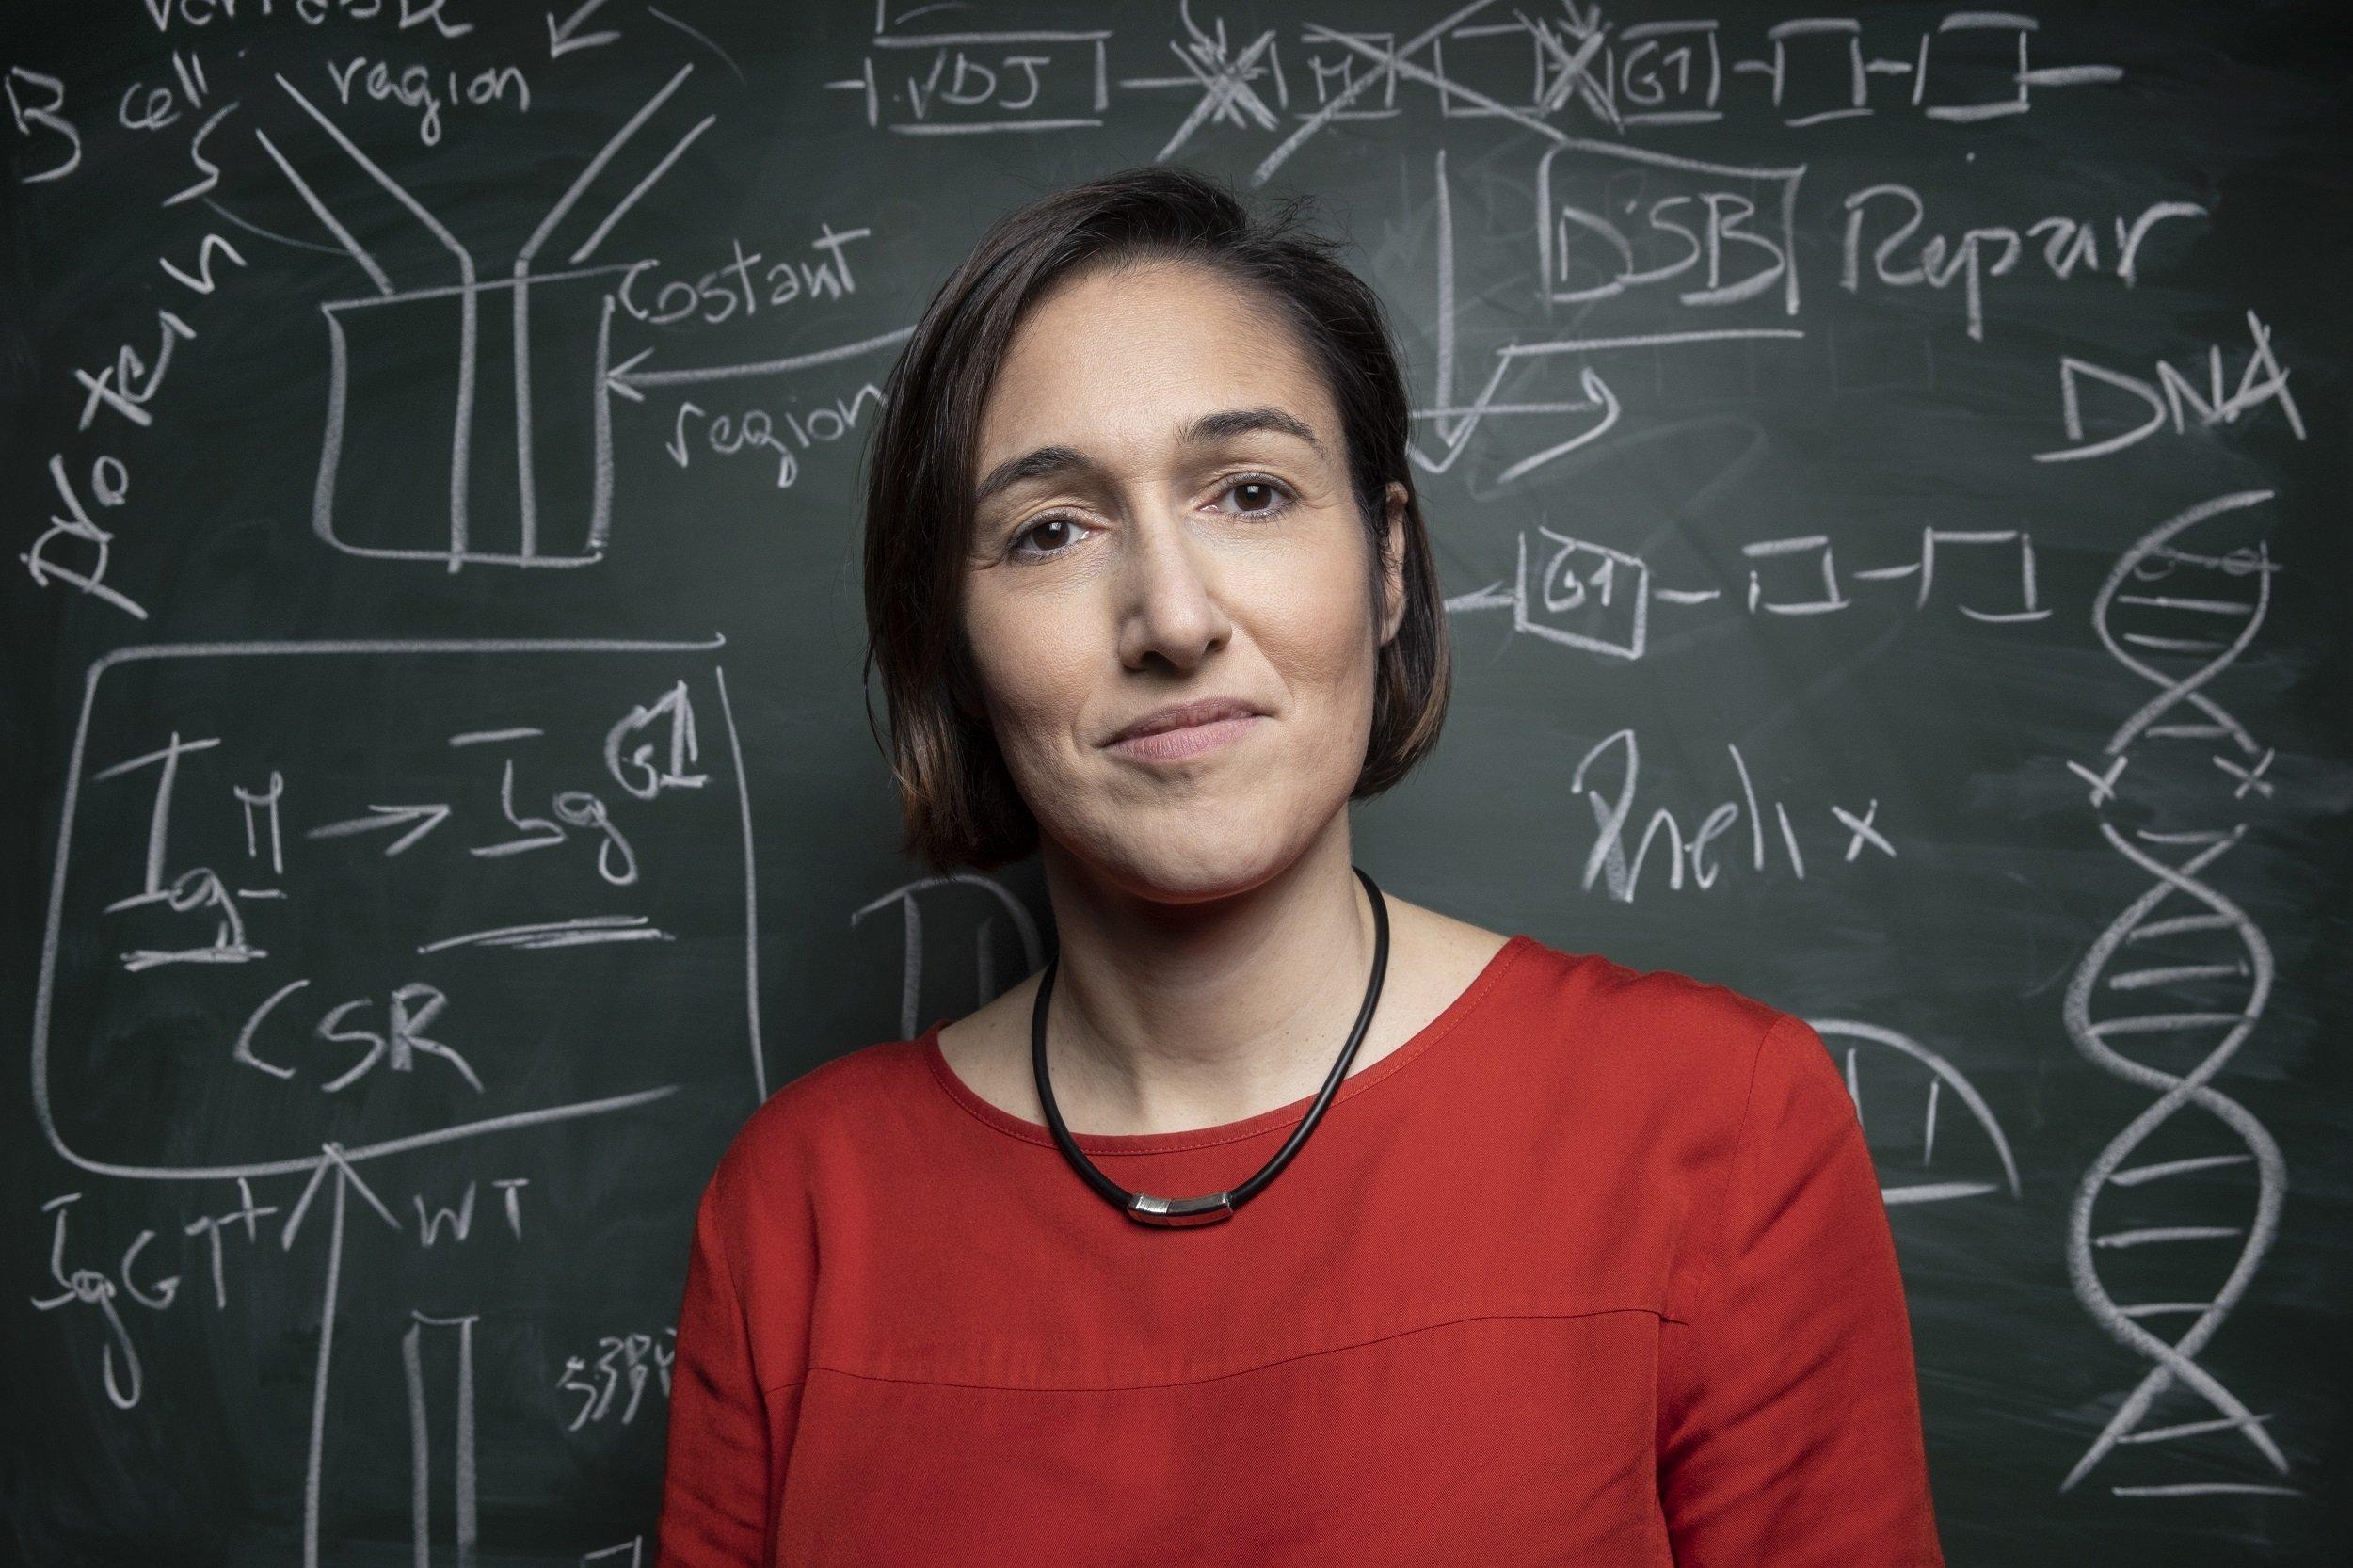 Die Immunologin und Genetikerin Michela Di Virgilio steht vor einer Tafel mit Skizzen der DNA und Zeichnungen formelartiger Strukturen, die Bestandteile des Erbguts darstellen sollen.